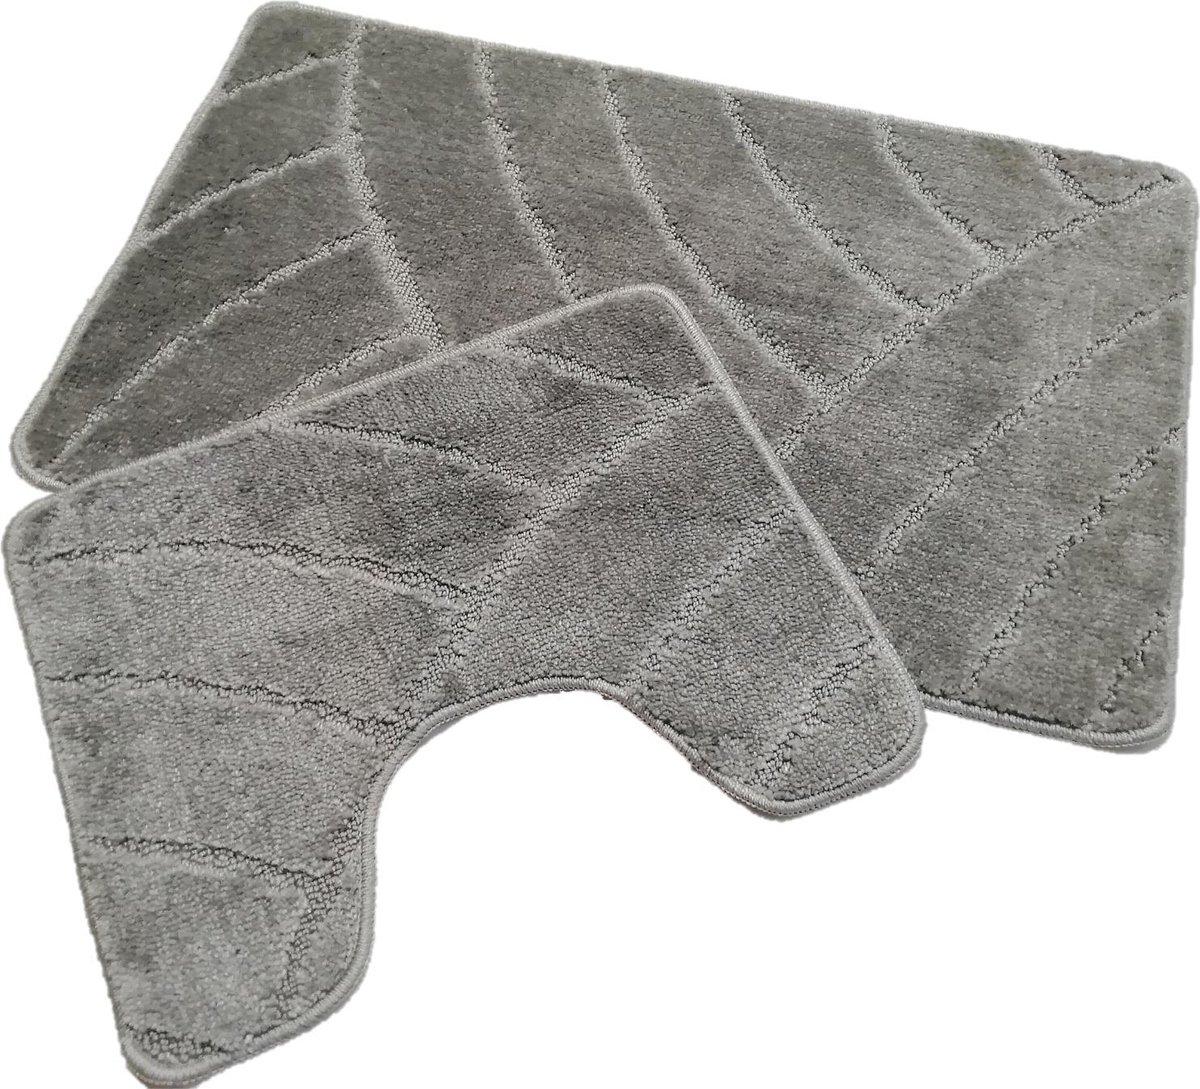 Badmat set klassiek grijs - 50 x 80 cm + 40 x 50 cm